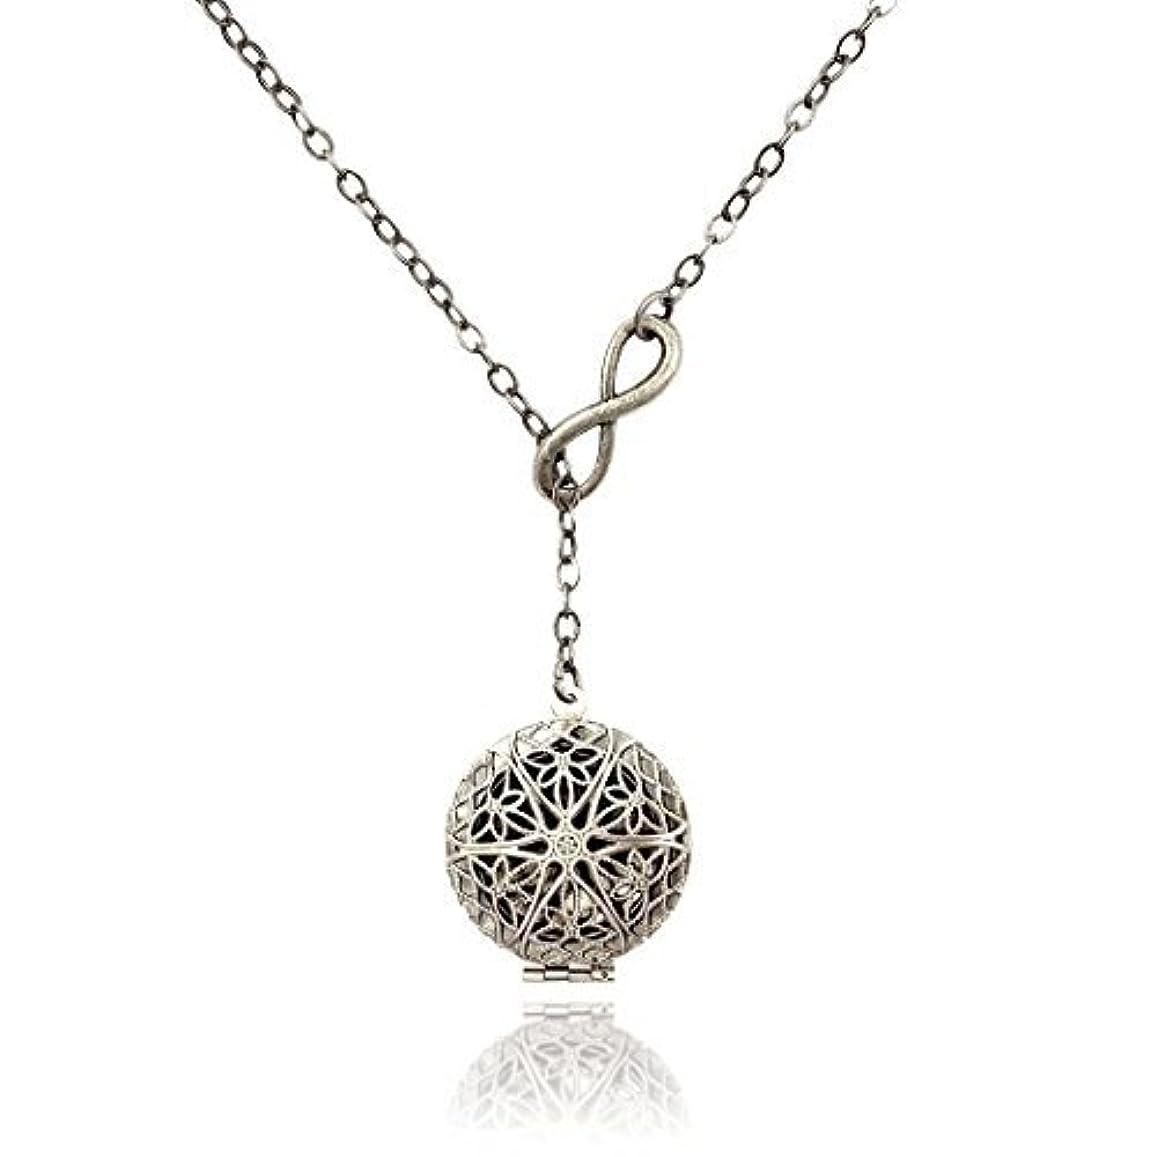 ゴネリル眼従うInfinity Eternity Silver-tone Aromatherapy Necklace Essential Oil Diffuser Locket Pendant Jewelry Lariat Y-Style...